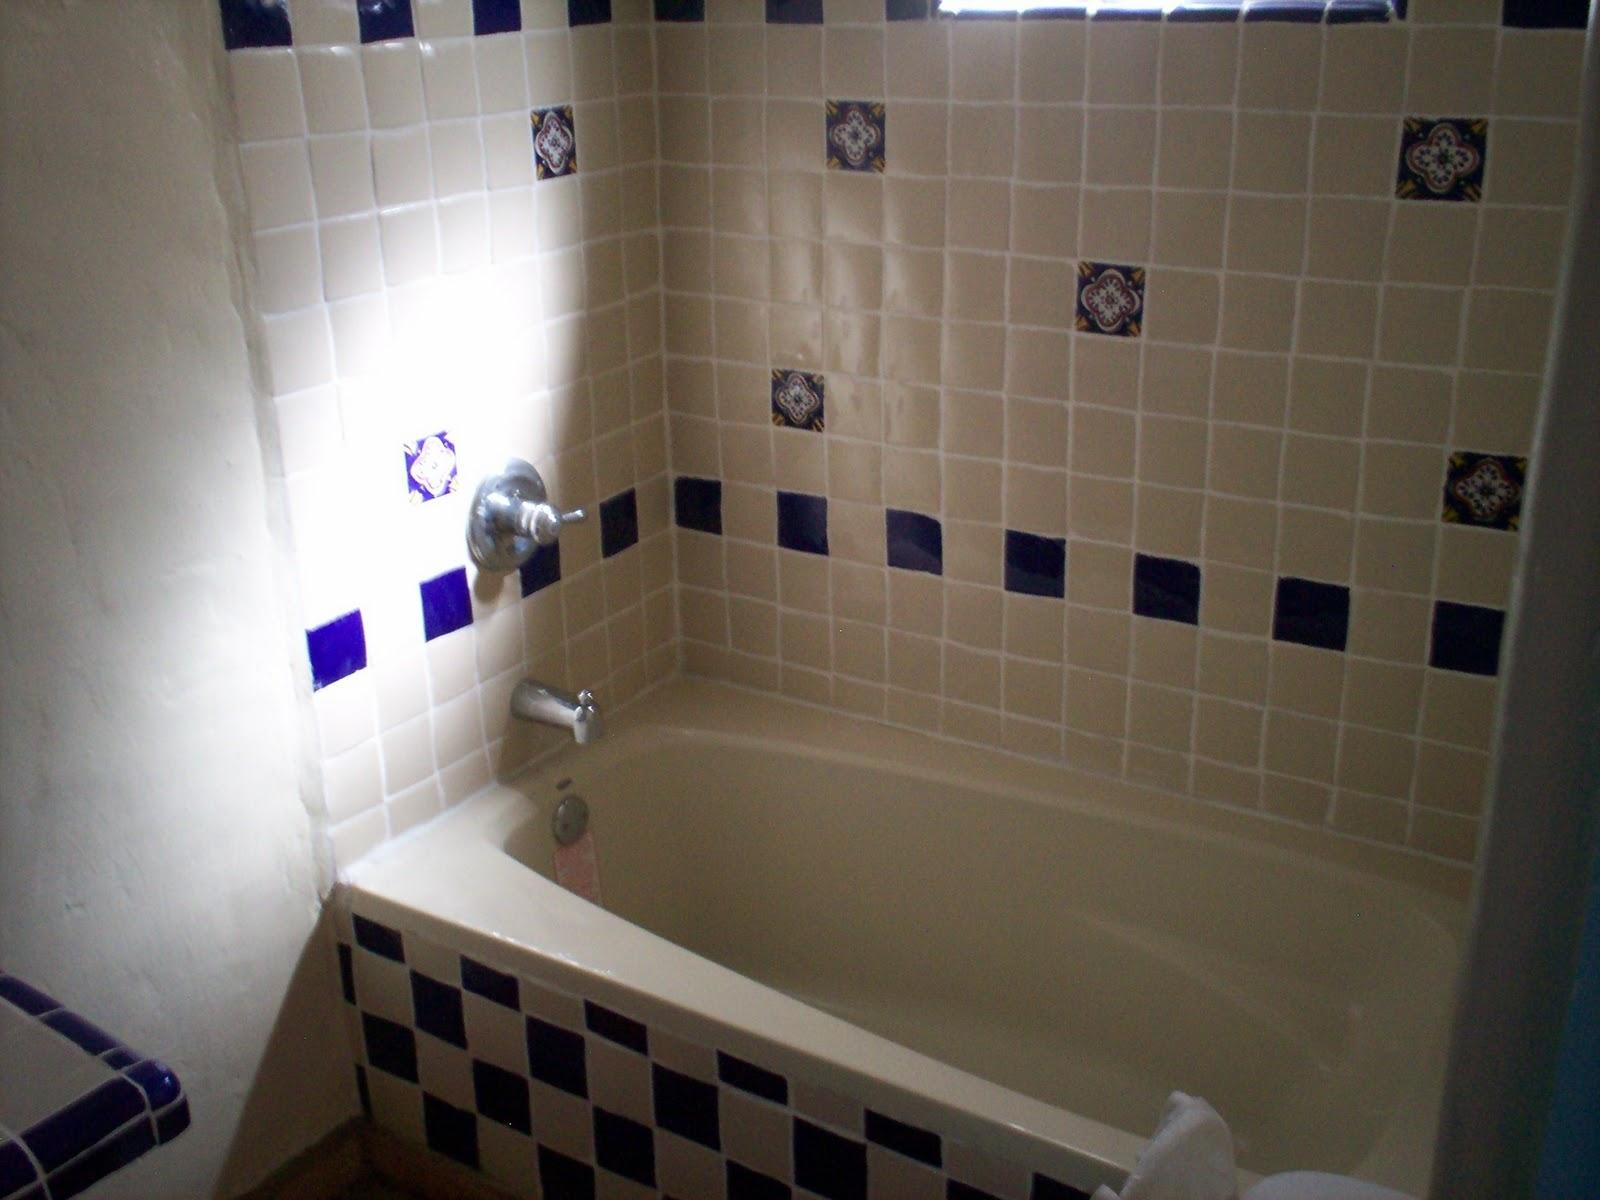 azulejos para bao de en azulejo talavera en tinas duchas y lavabos de los baos azulejos para bao de talavera